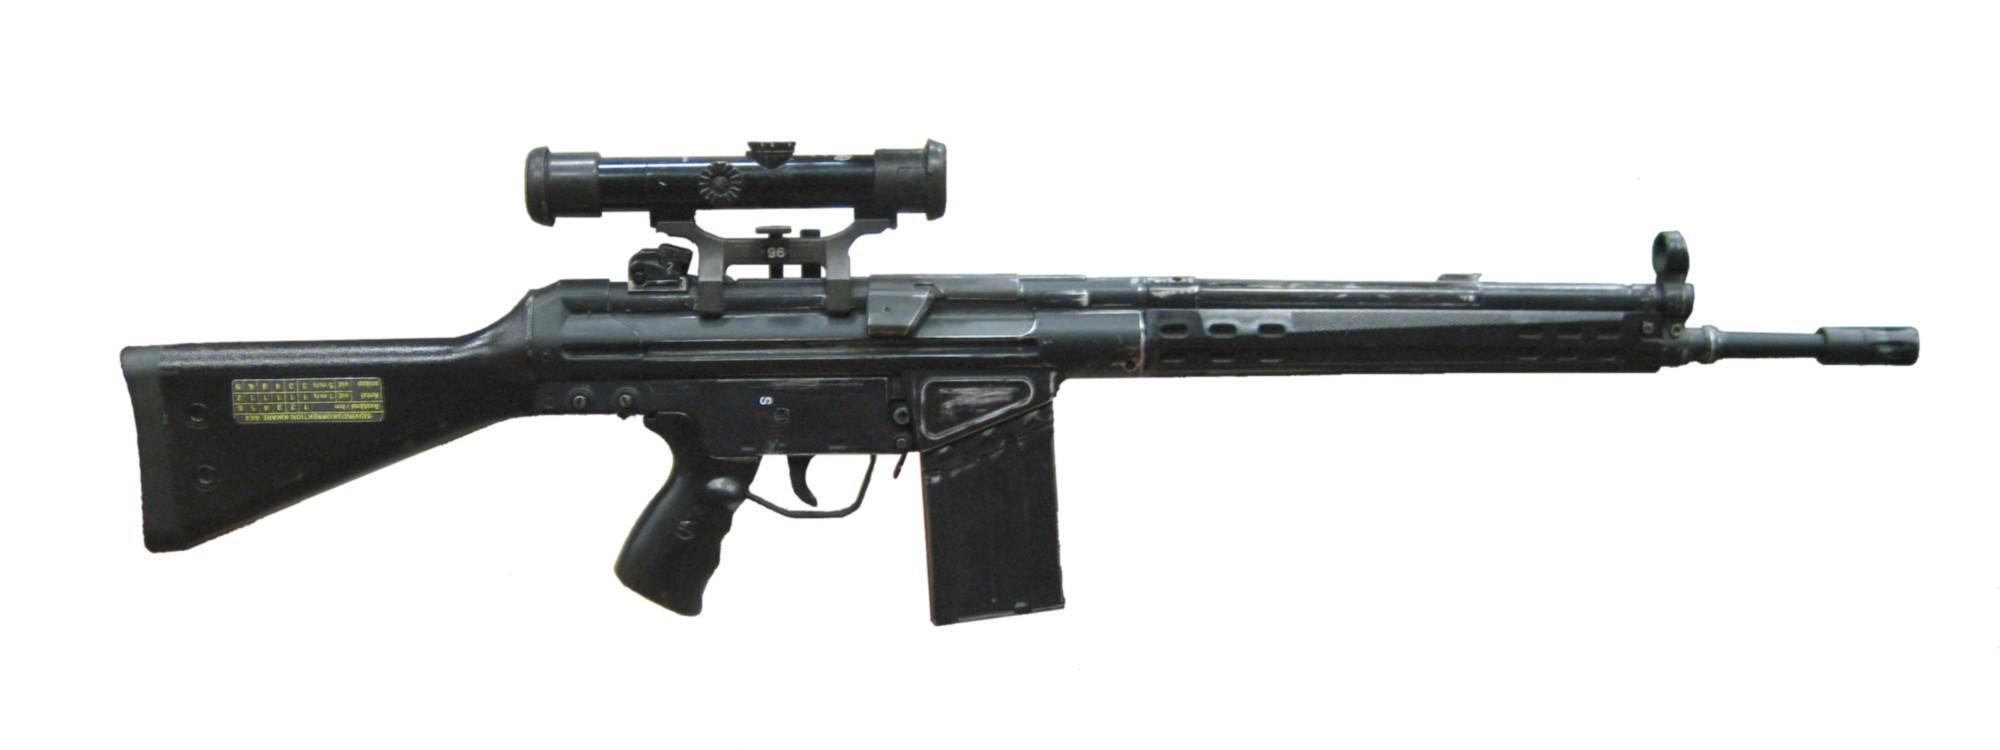 Miltech Arms  M1 Garand M1 Rifle M1 Garand sales M1